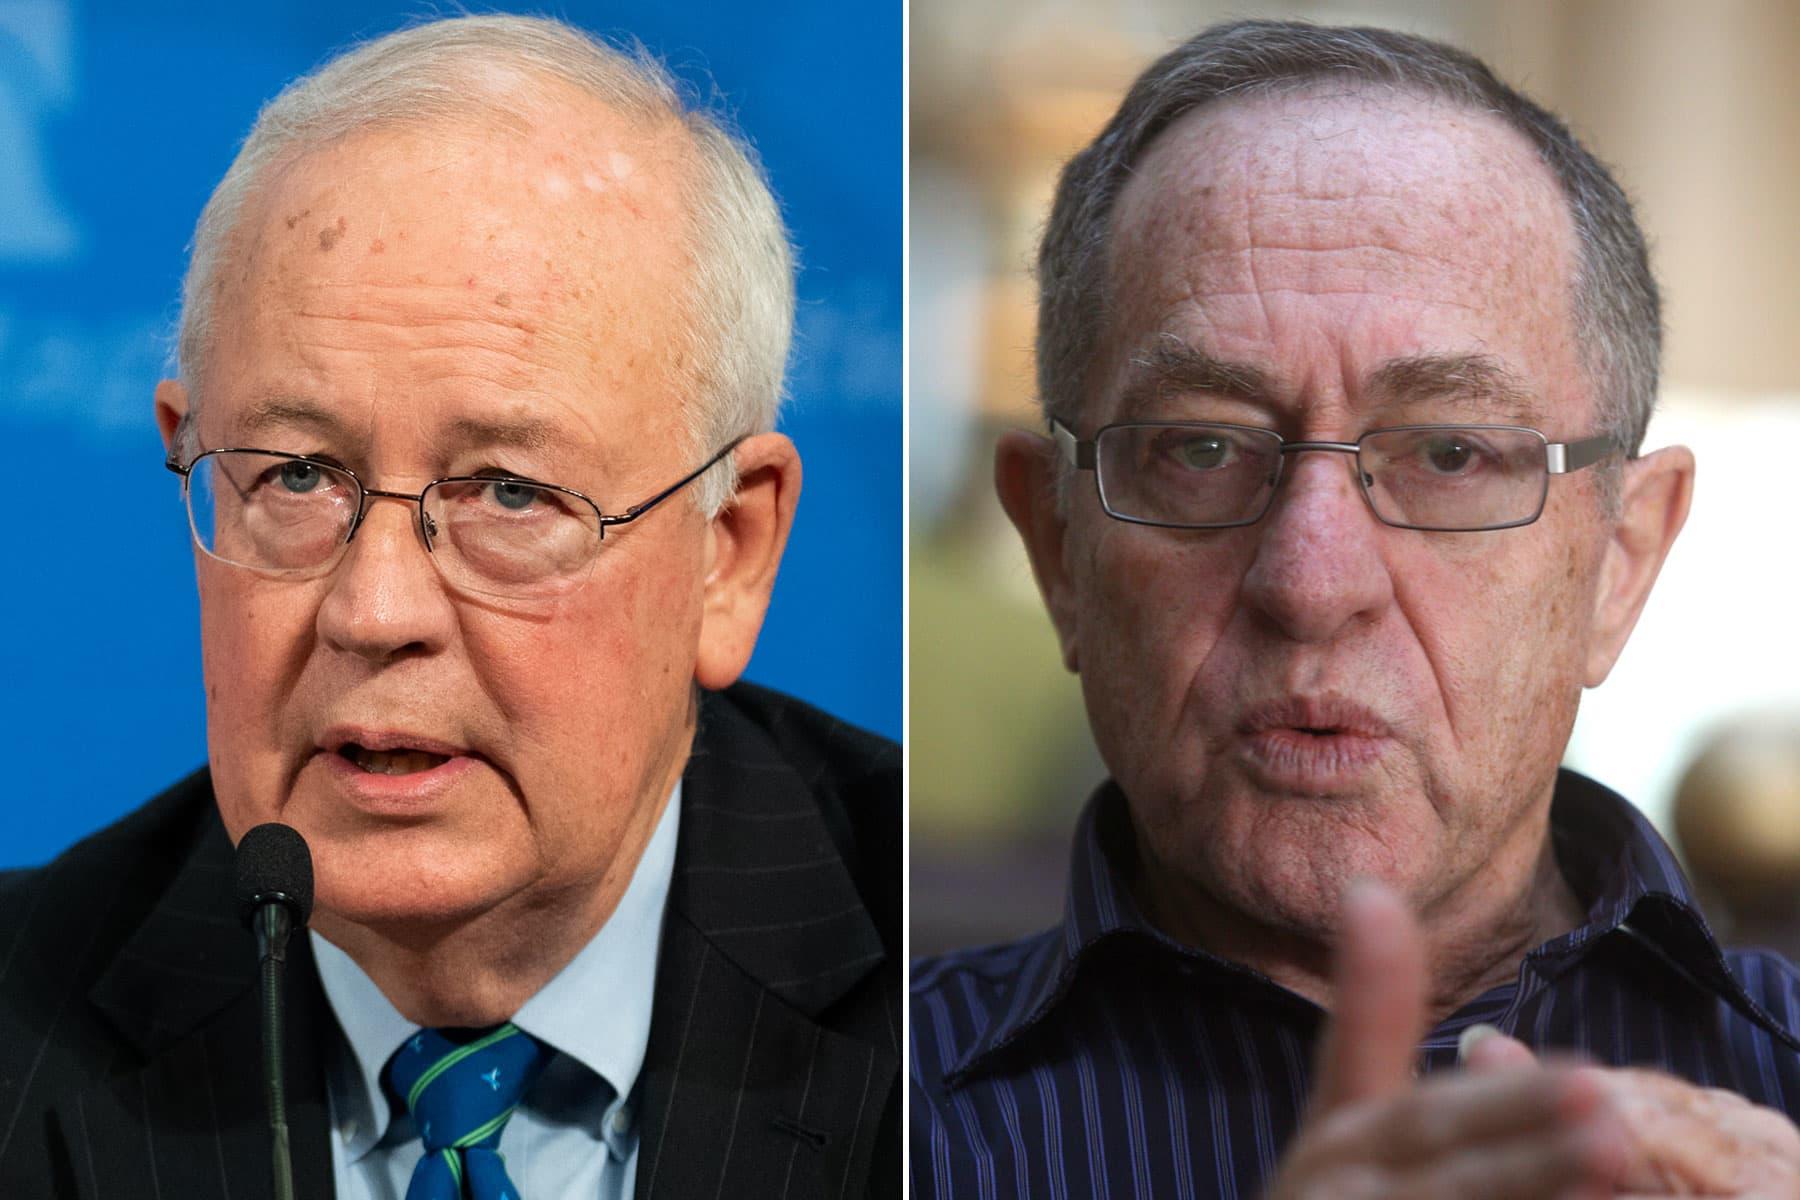 Trump impeachment defense team will include Clinton prosecutor Ken Starr and Jeffrey Epstein lawyer Alan Dershowitz